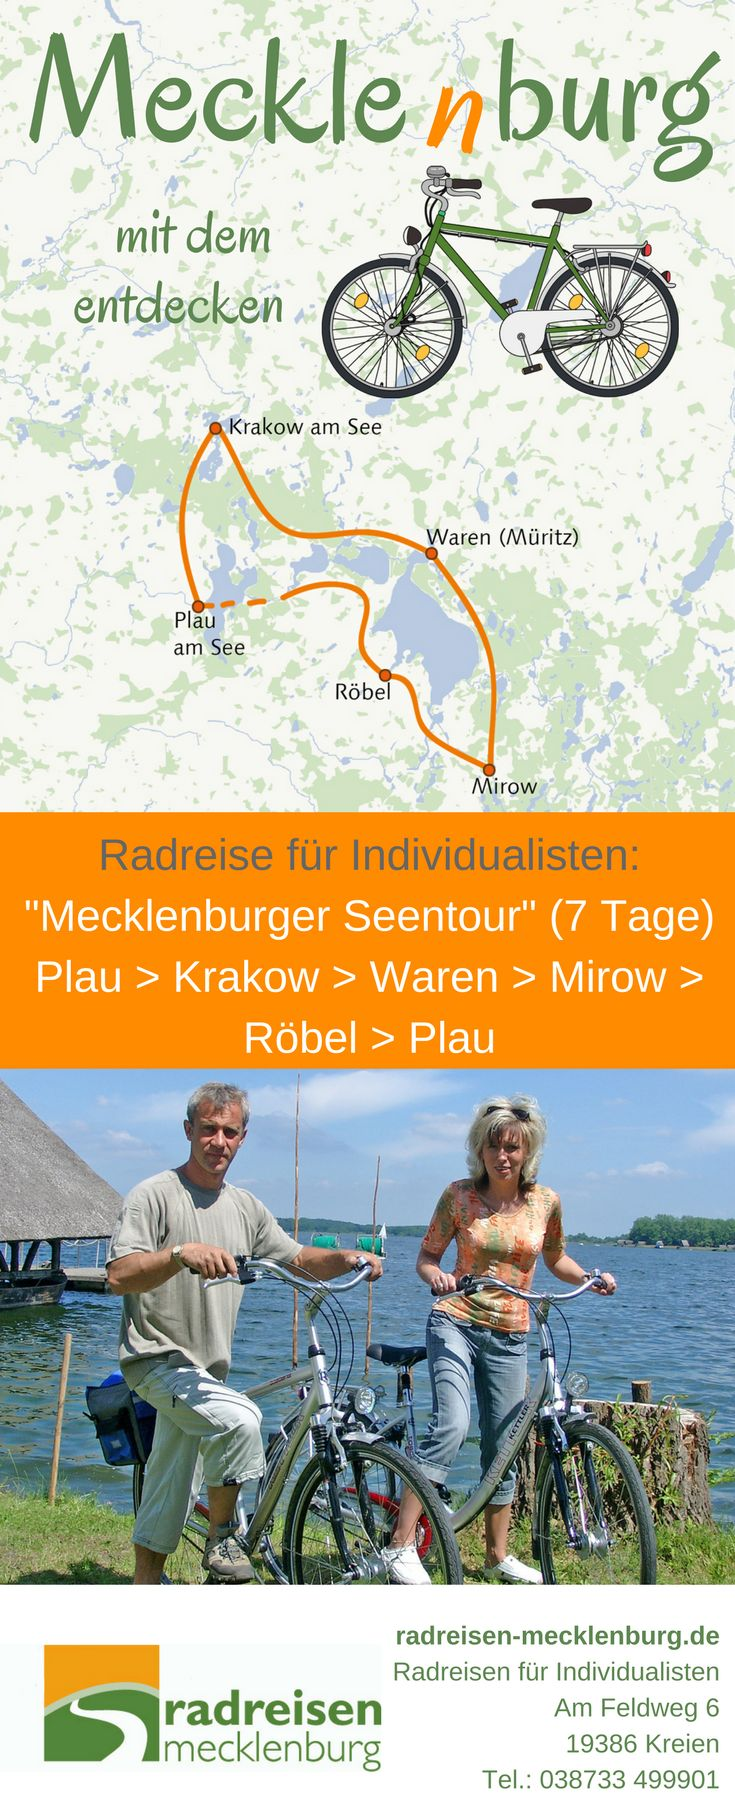 Die #Seenplatte auf dem Fahrrad erleben, hier ist die Tour dazu: Start in Plau am See, dann Radtour nach Krakow, weiter nach Waren und über Mirow und Röbel zurück nach Plau. Eine wunderschöne aktive Radurlaubswoche in #Mecklenburg. Informationen zu dieser und anderen Touren finden Sie auf unserer Website.